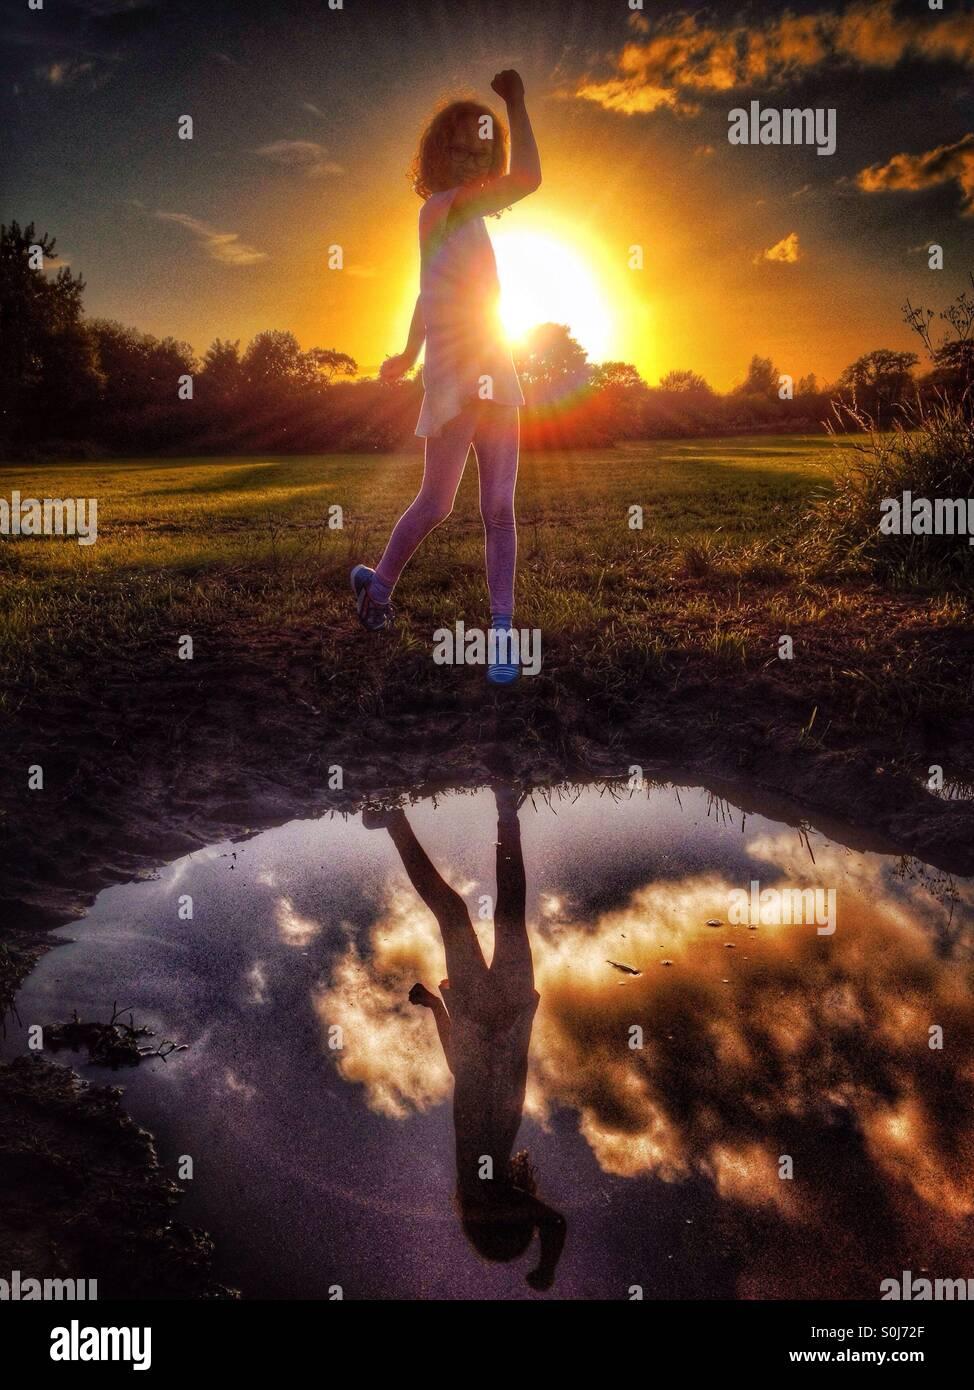 Giovane ragazza in posa con il braccio sollevato nella parte anteriore del tramonto riflesso nella pozza Immagini Stock